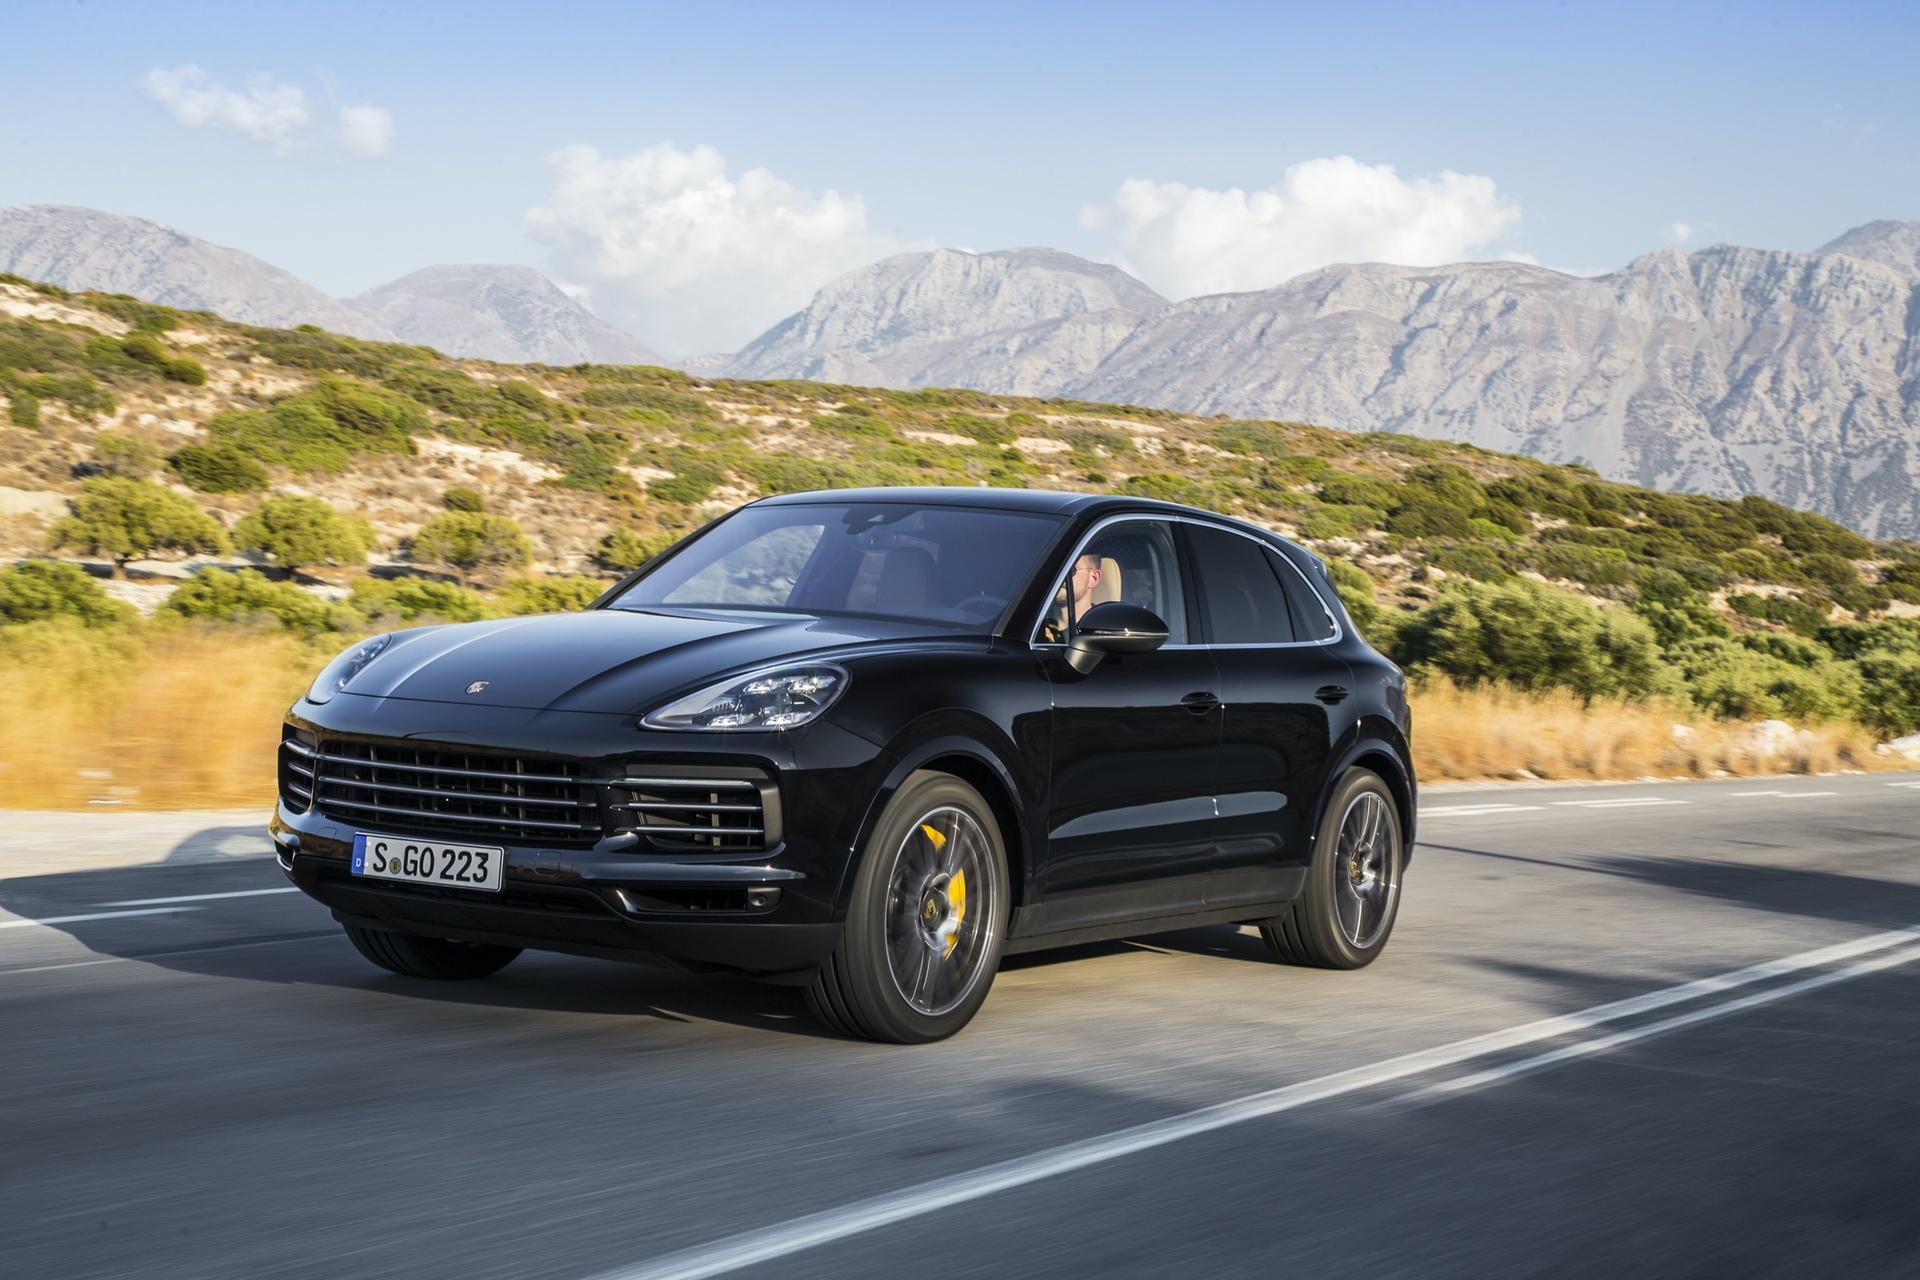 Test_Drive_Porsche_Cayenne_305